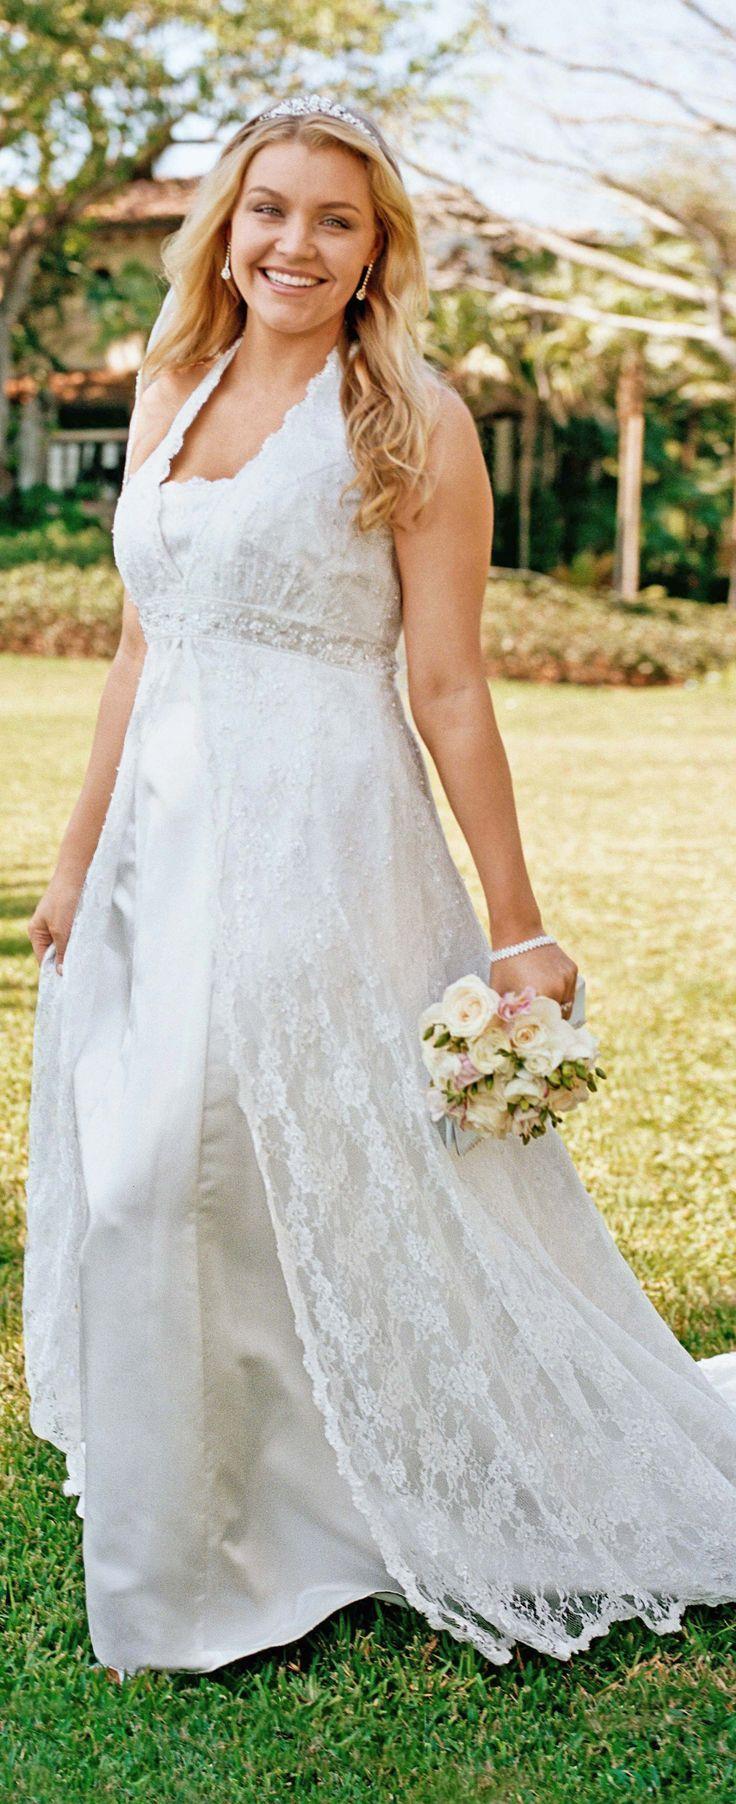 Vestido para novias gorditas con cuerpo en forma de pera con pancita o sin cintura - Vestido de Davids Bridal boomerinas